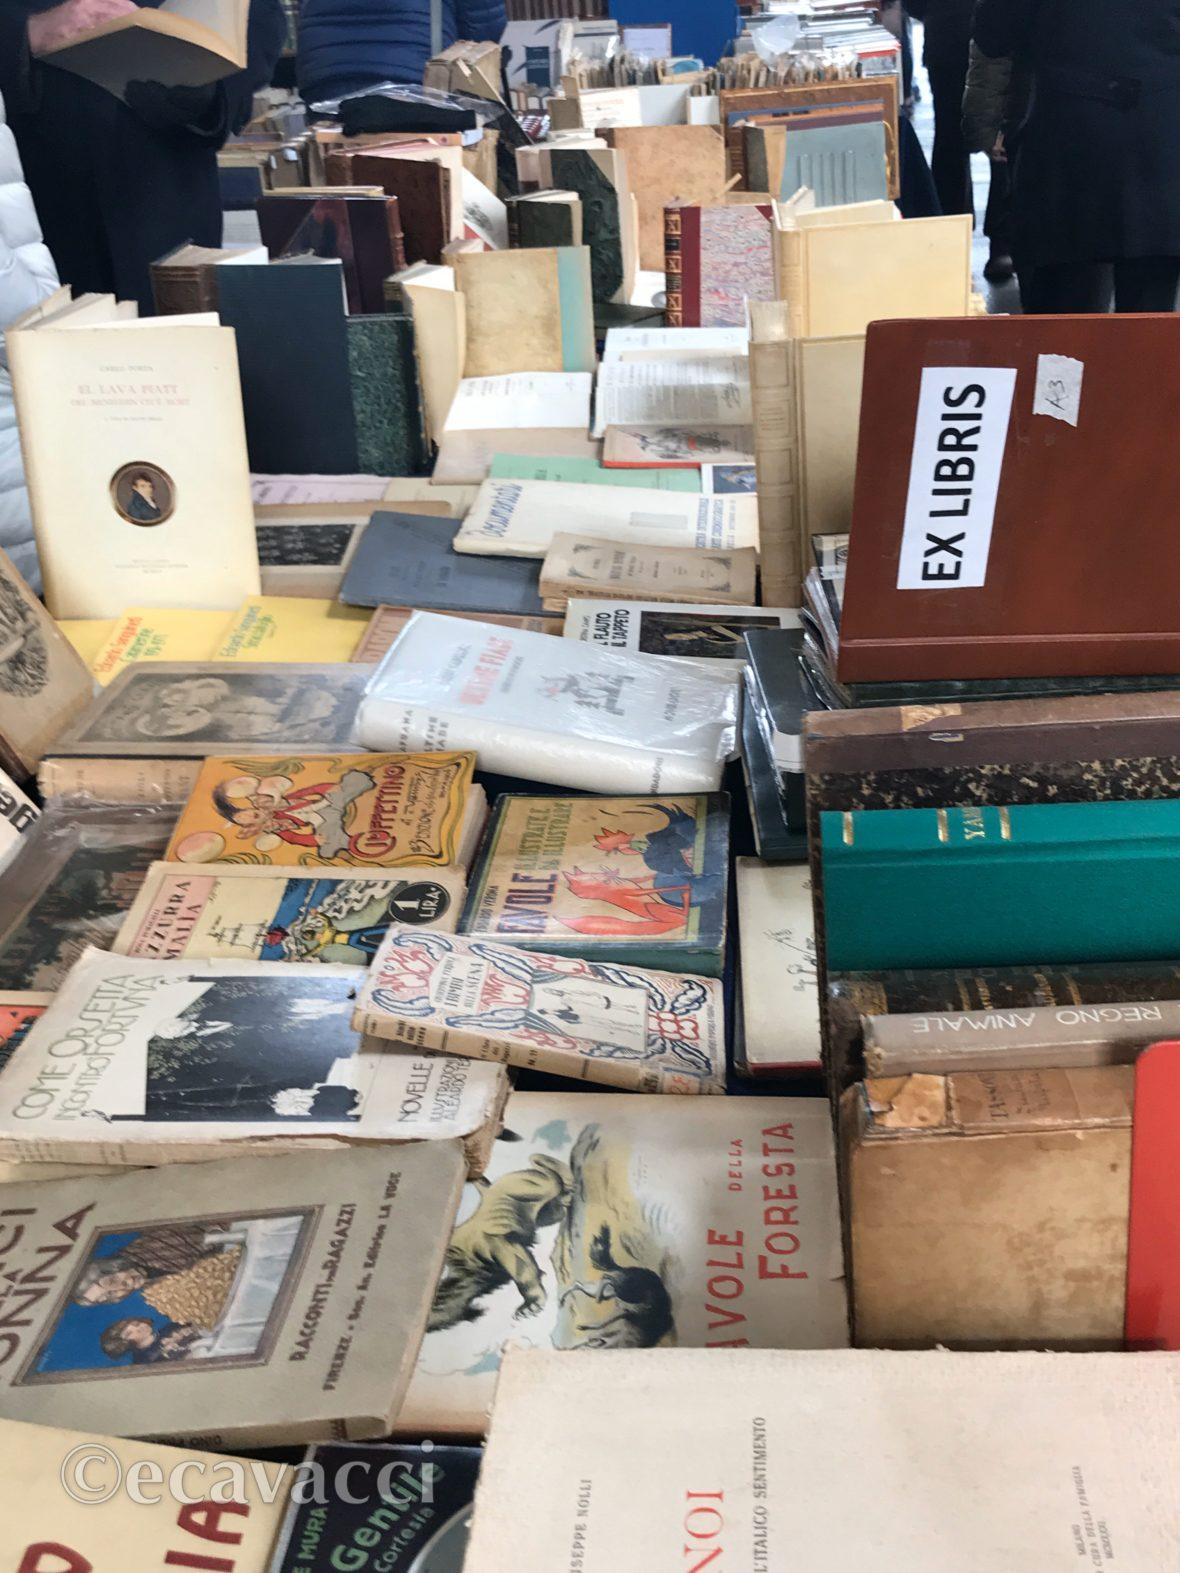 libri antichi in piazza Diaz a Milano